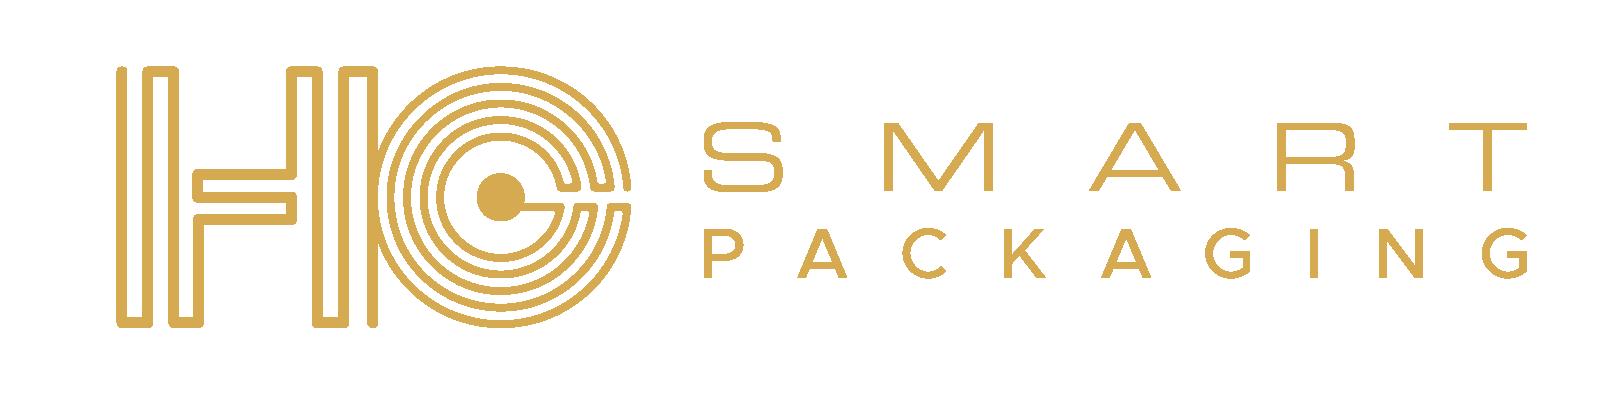 HG Smart Packaging logo